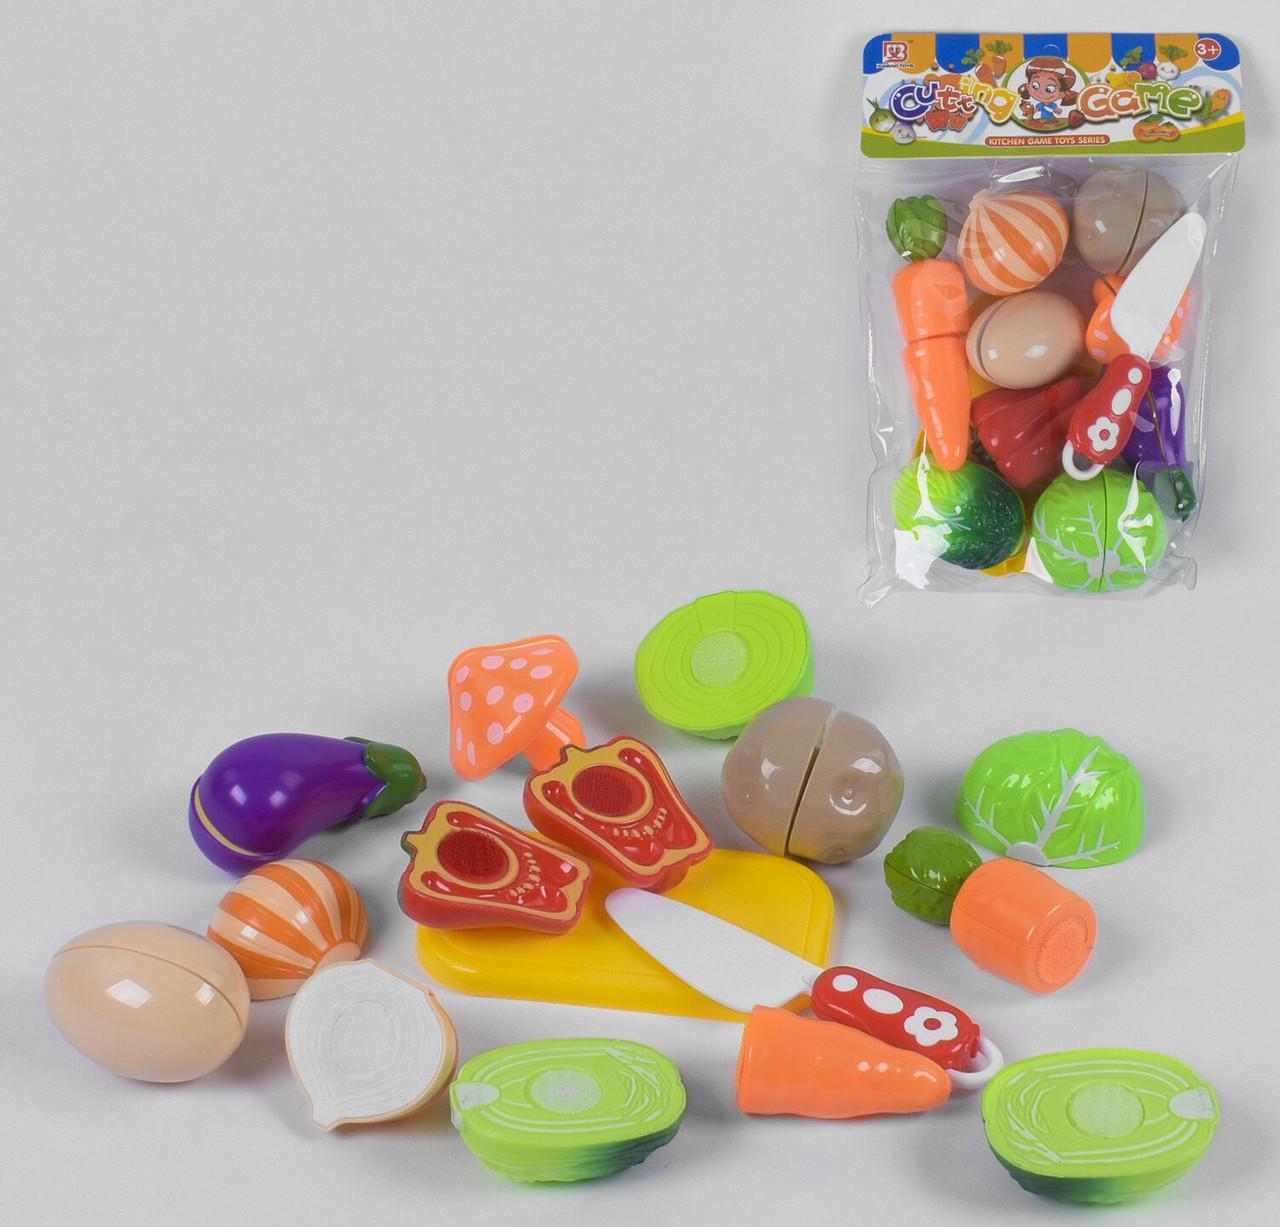 Набор овощей баклажан, морковь, капуста, гриб, лук, картошка, ножик, досточка на липучках в кульке